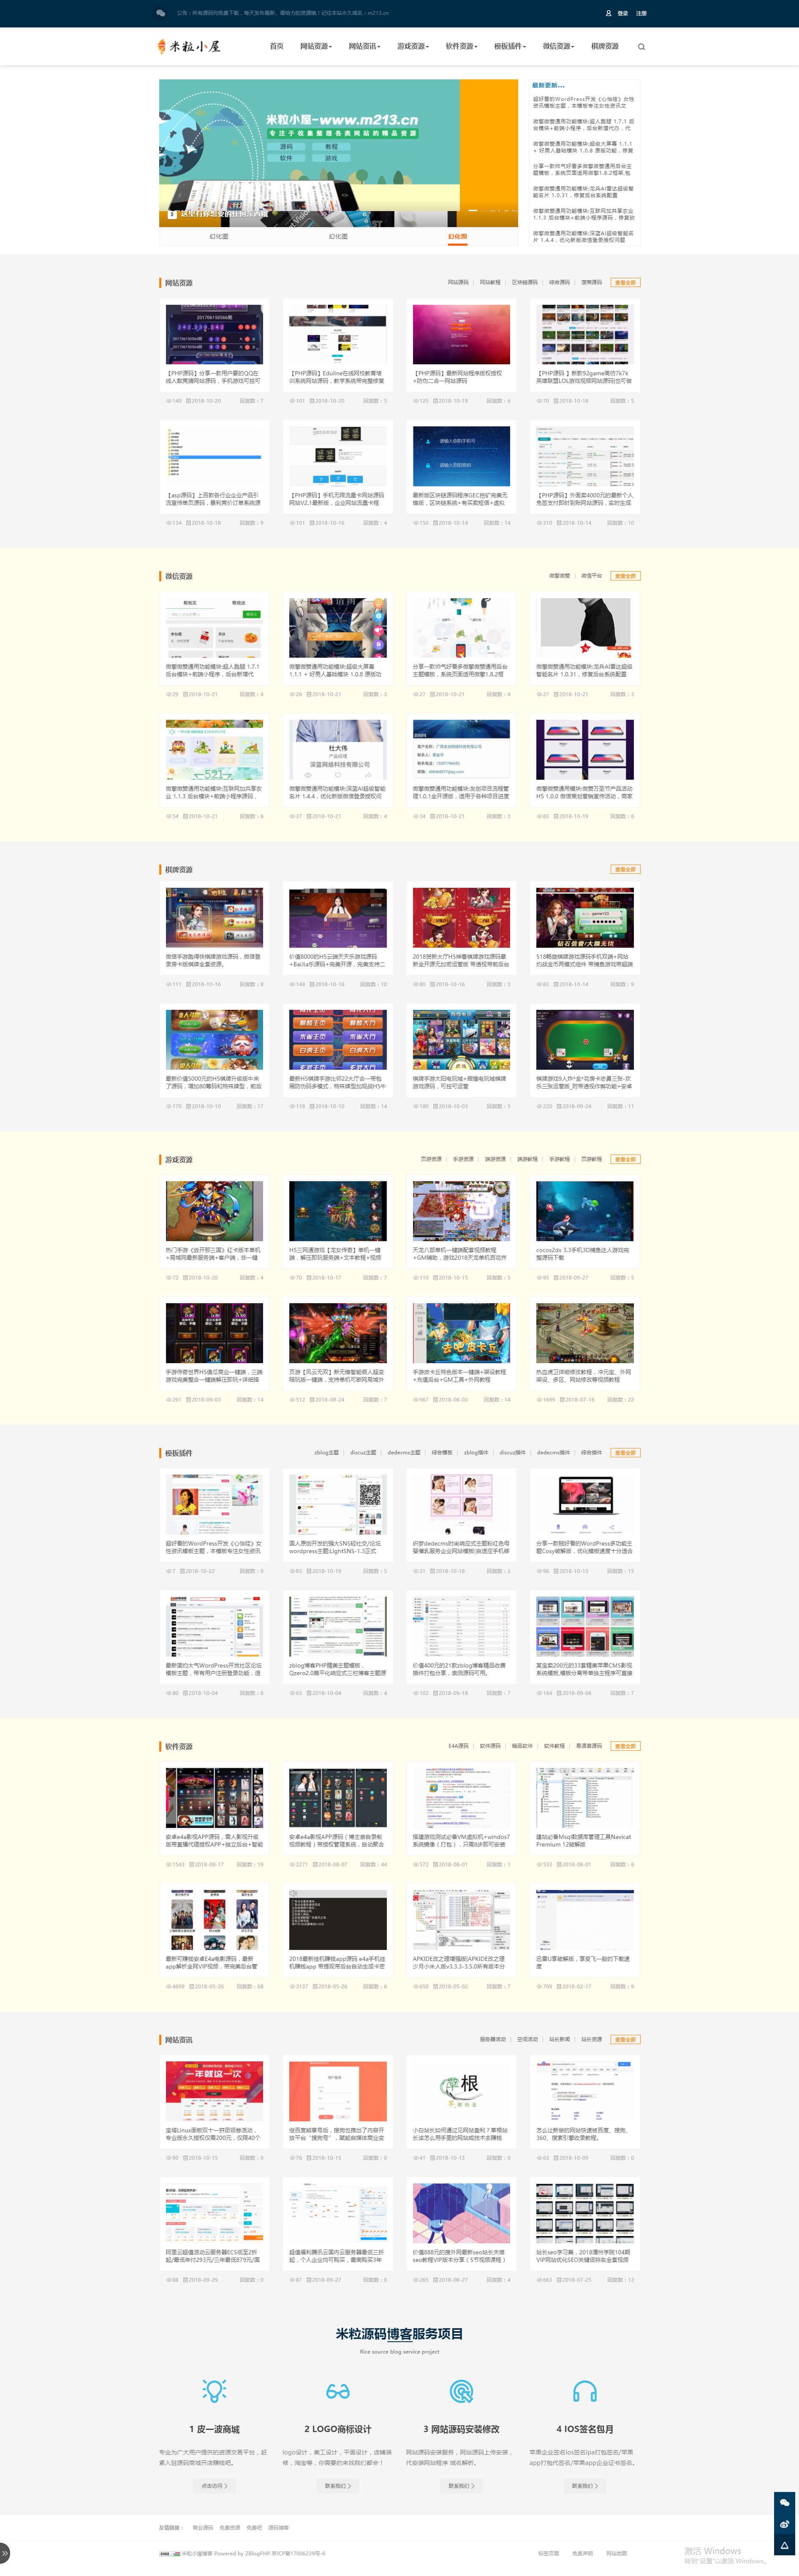 米粒小屋资源分享博客网站建设案例截图